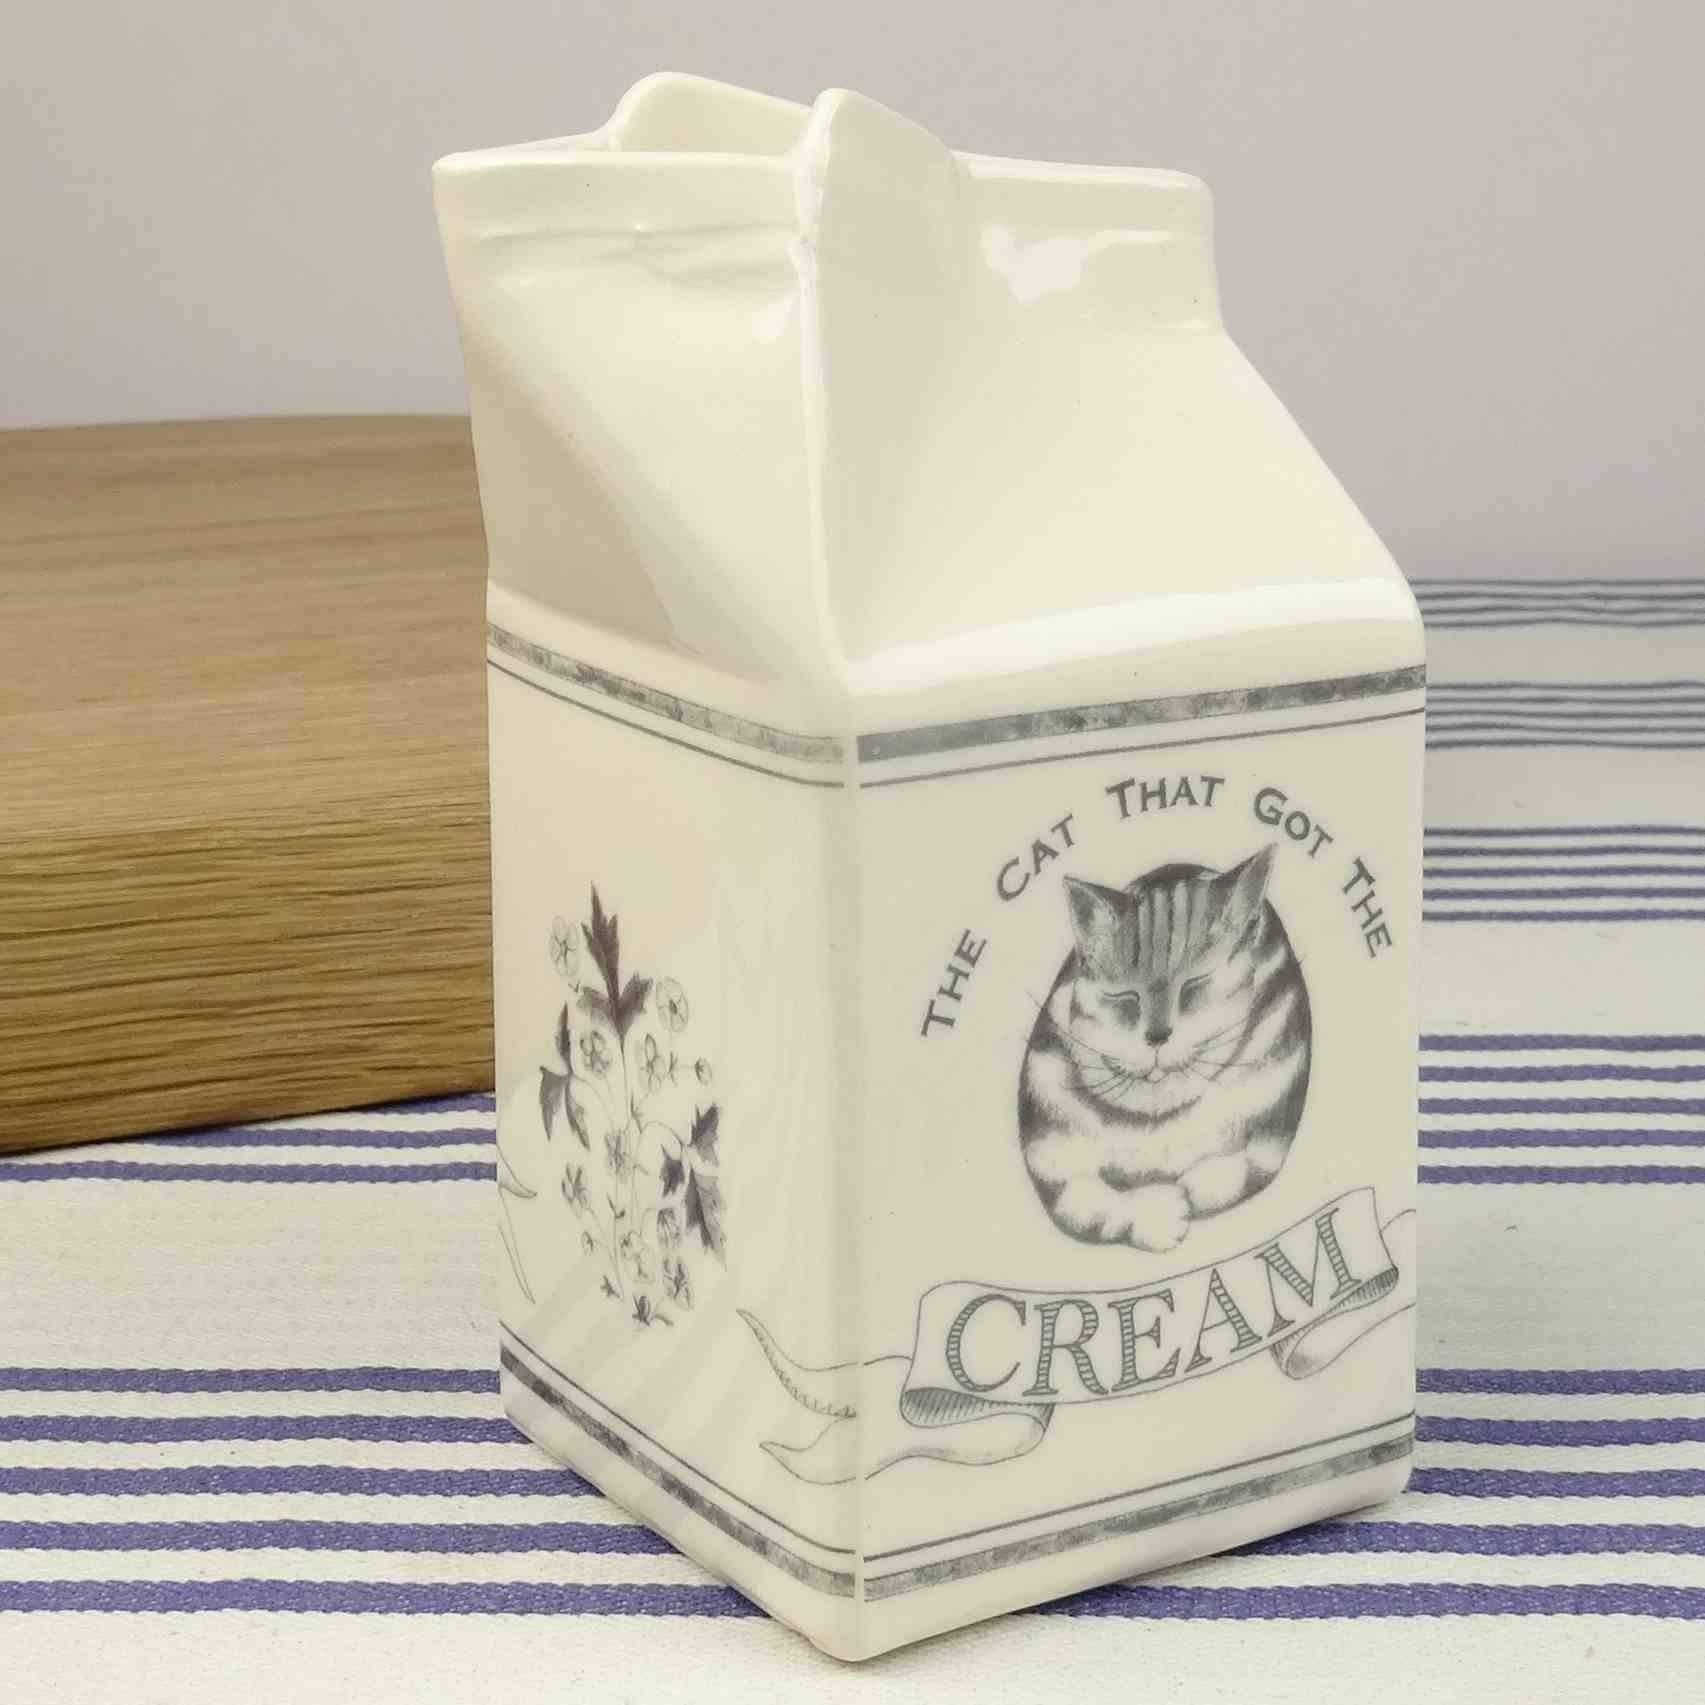 cream jug hand made ceramics dairy range katie brinsley beatrice von Preussen